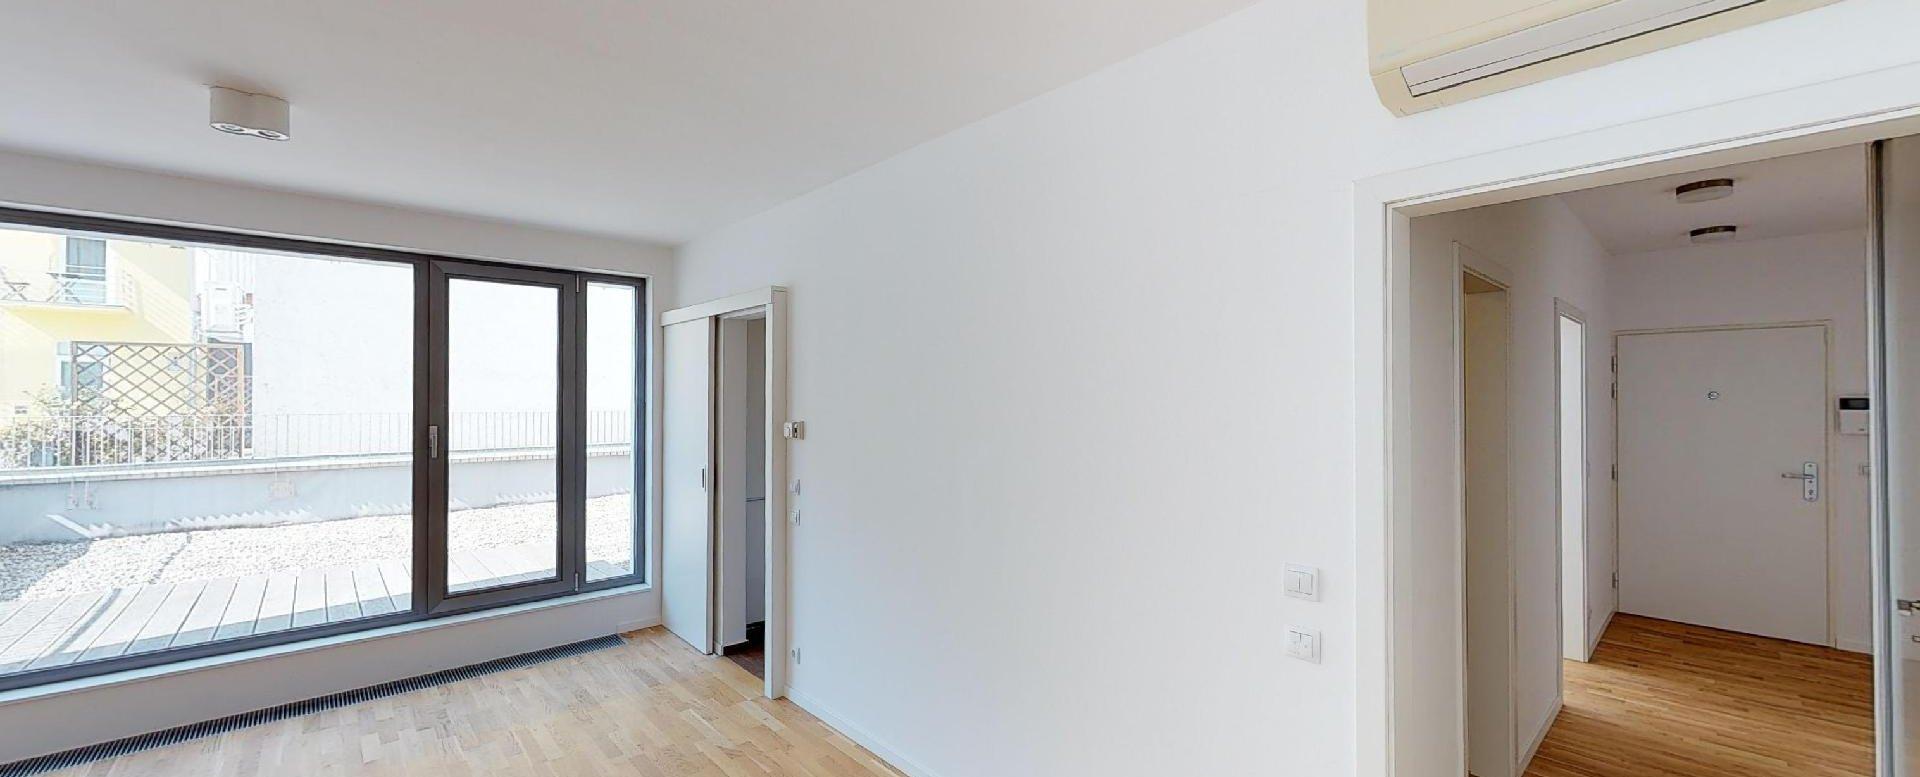 Obýavcia izba s klimatizáciou a kuchyňou v 2-izbovom byte na Strážnickej ulici v Starom meste Bratislavy